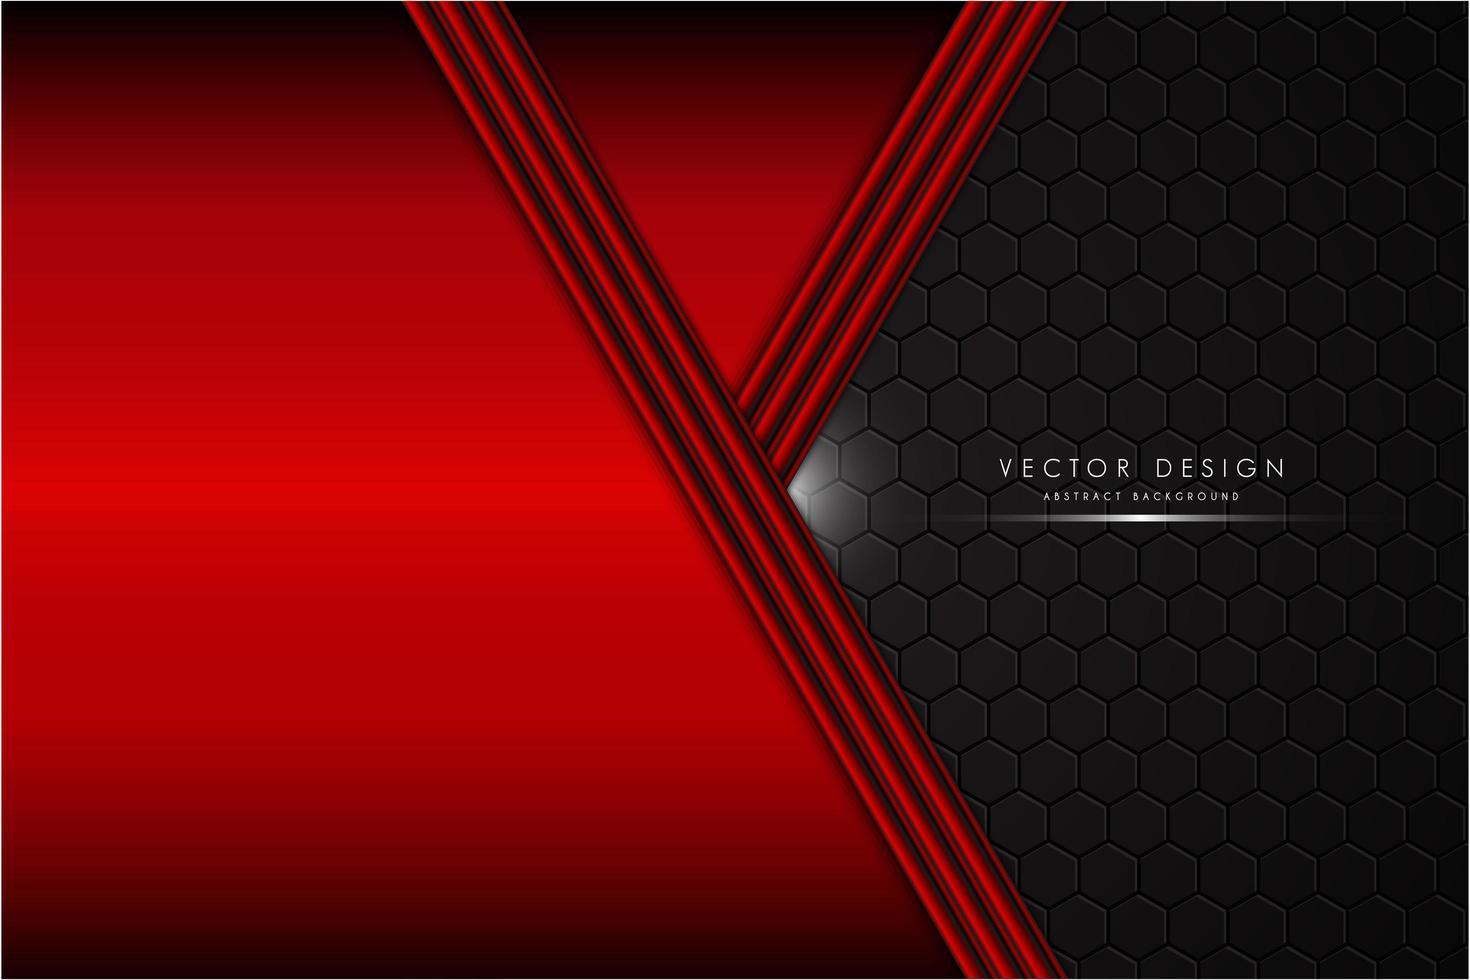 Fondo rojo metálico con espacio negro de fibra de carbono vector